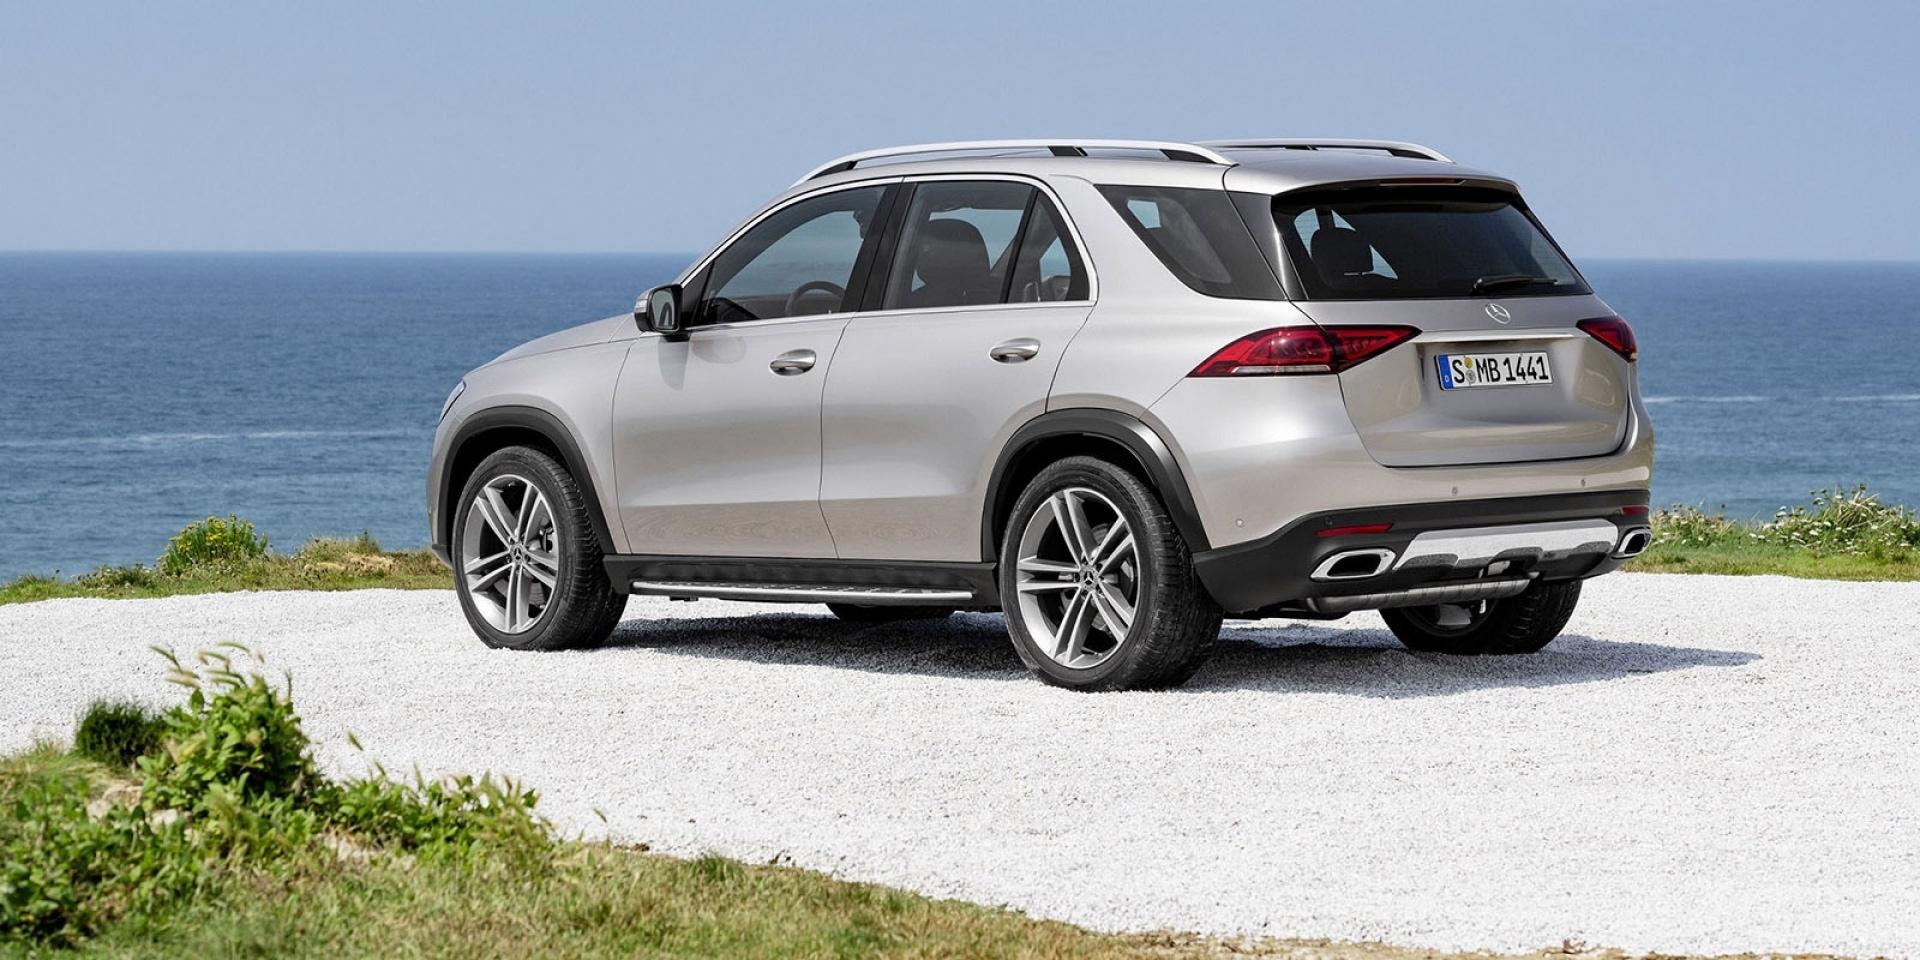 官方新聞稿。地表最強 SUV 家族再進化 同時享受科技與動力 The new Mercedes-Benz GLE 即日起開放預購